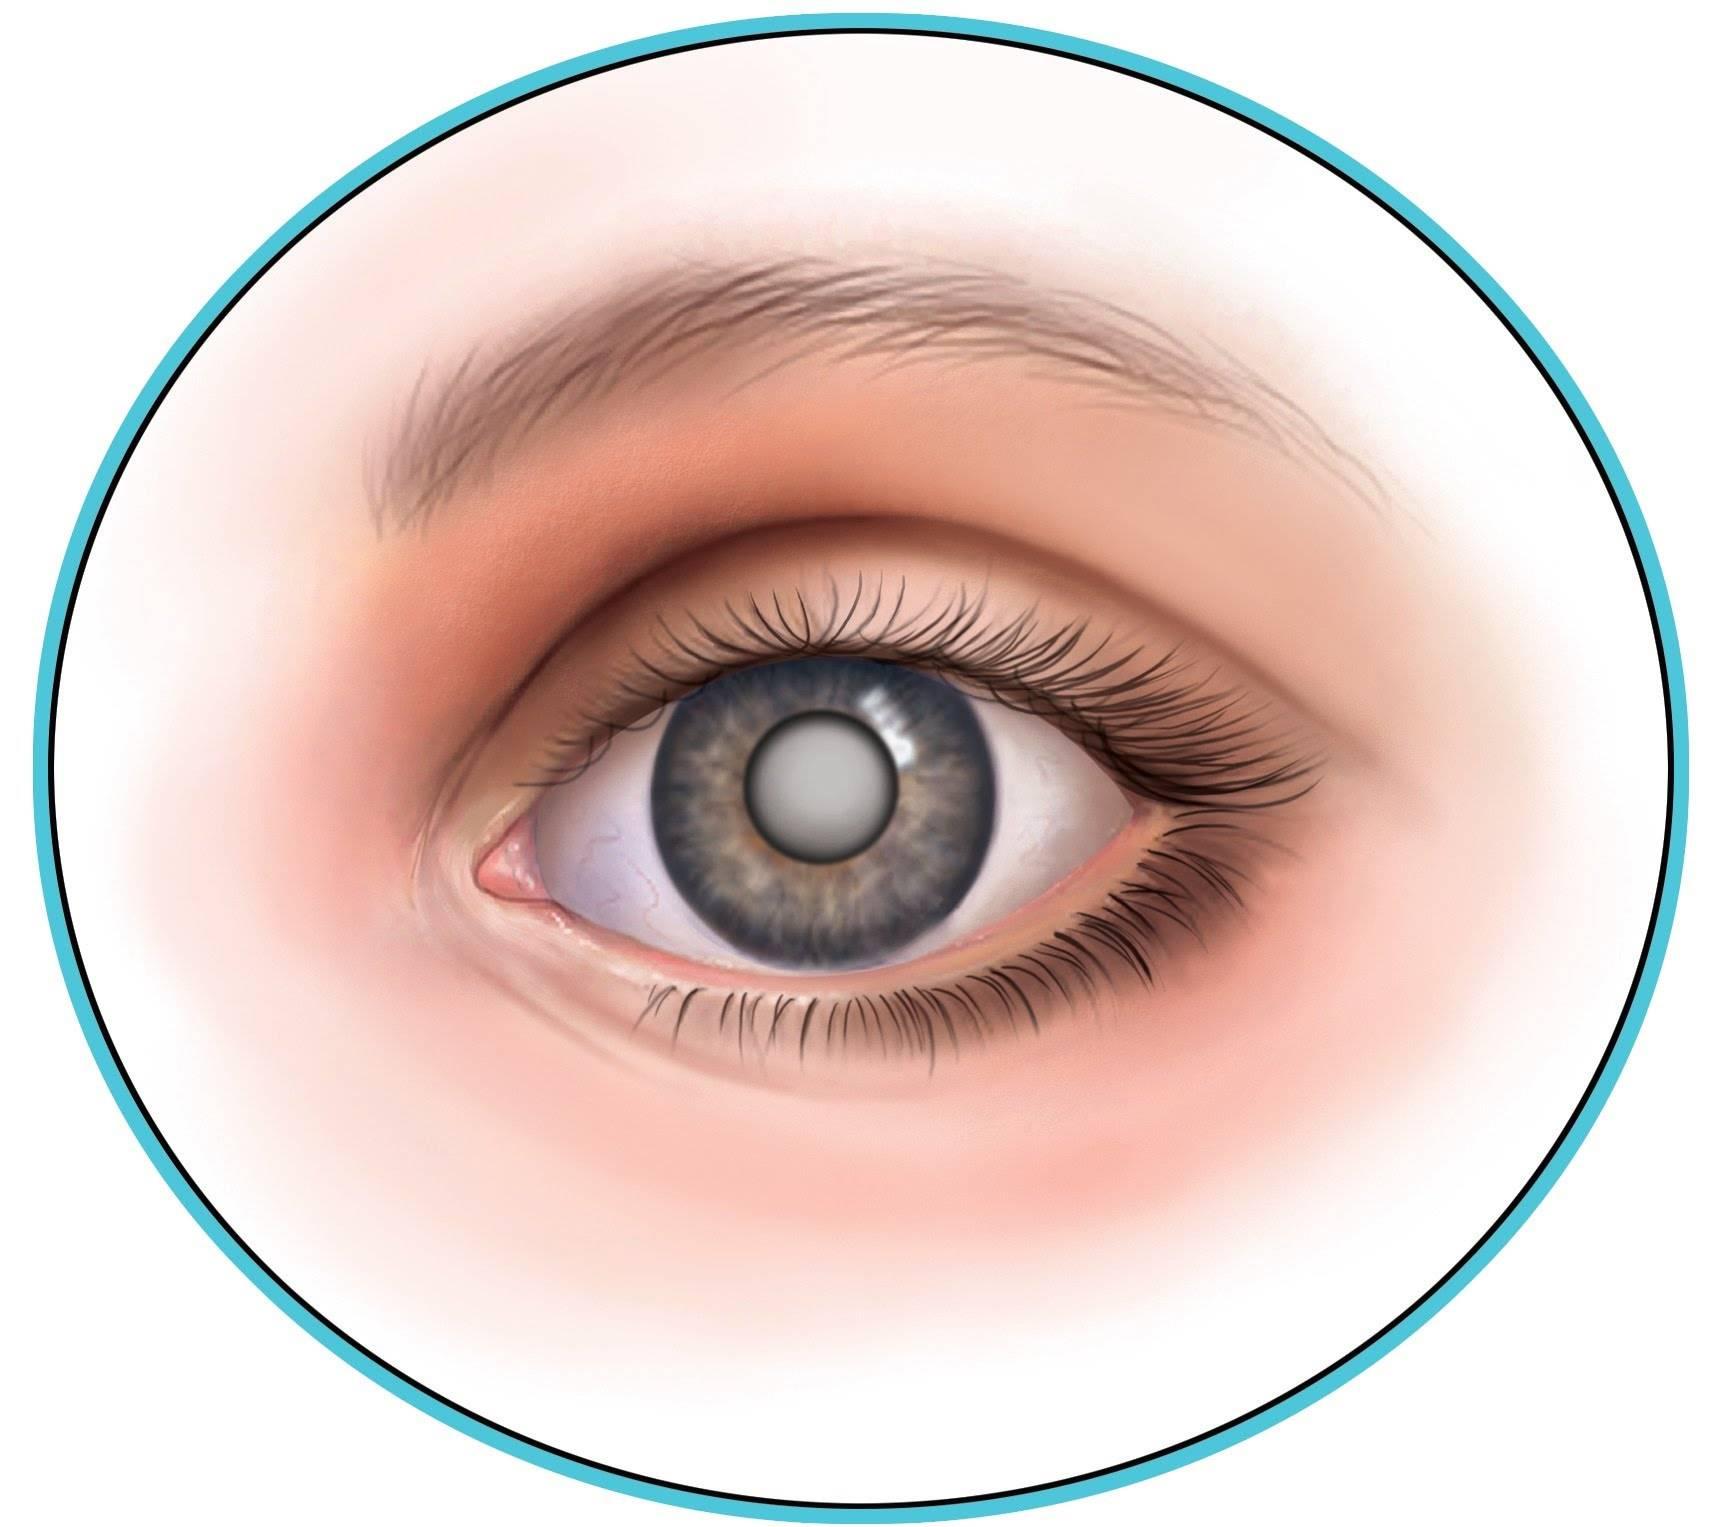 Помутнение хрусталика глаза: причины и лечение oculistic.ru помутнение хрусталика глаза: причины и лечение